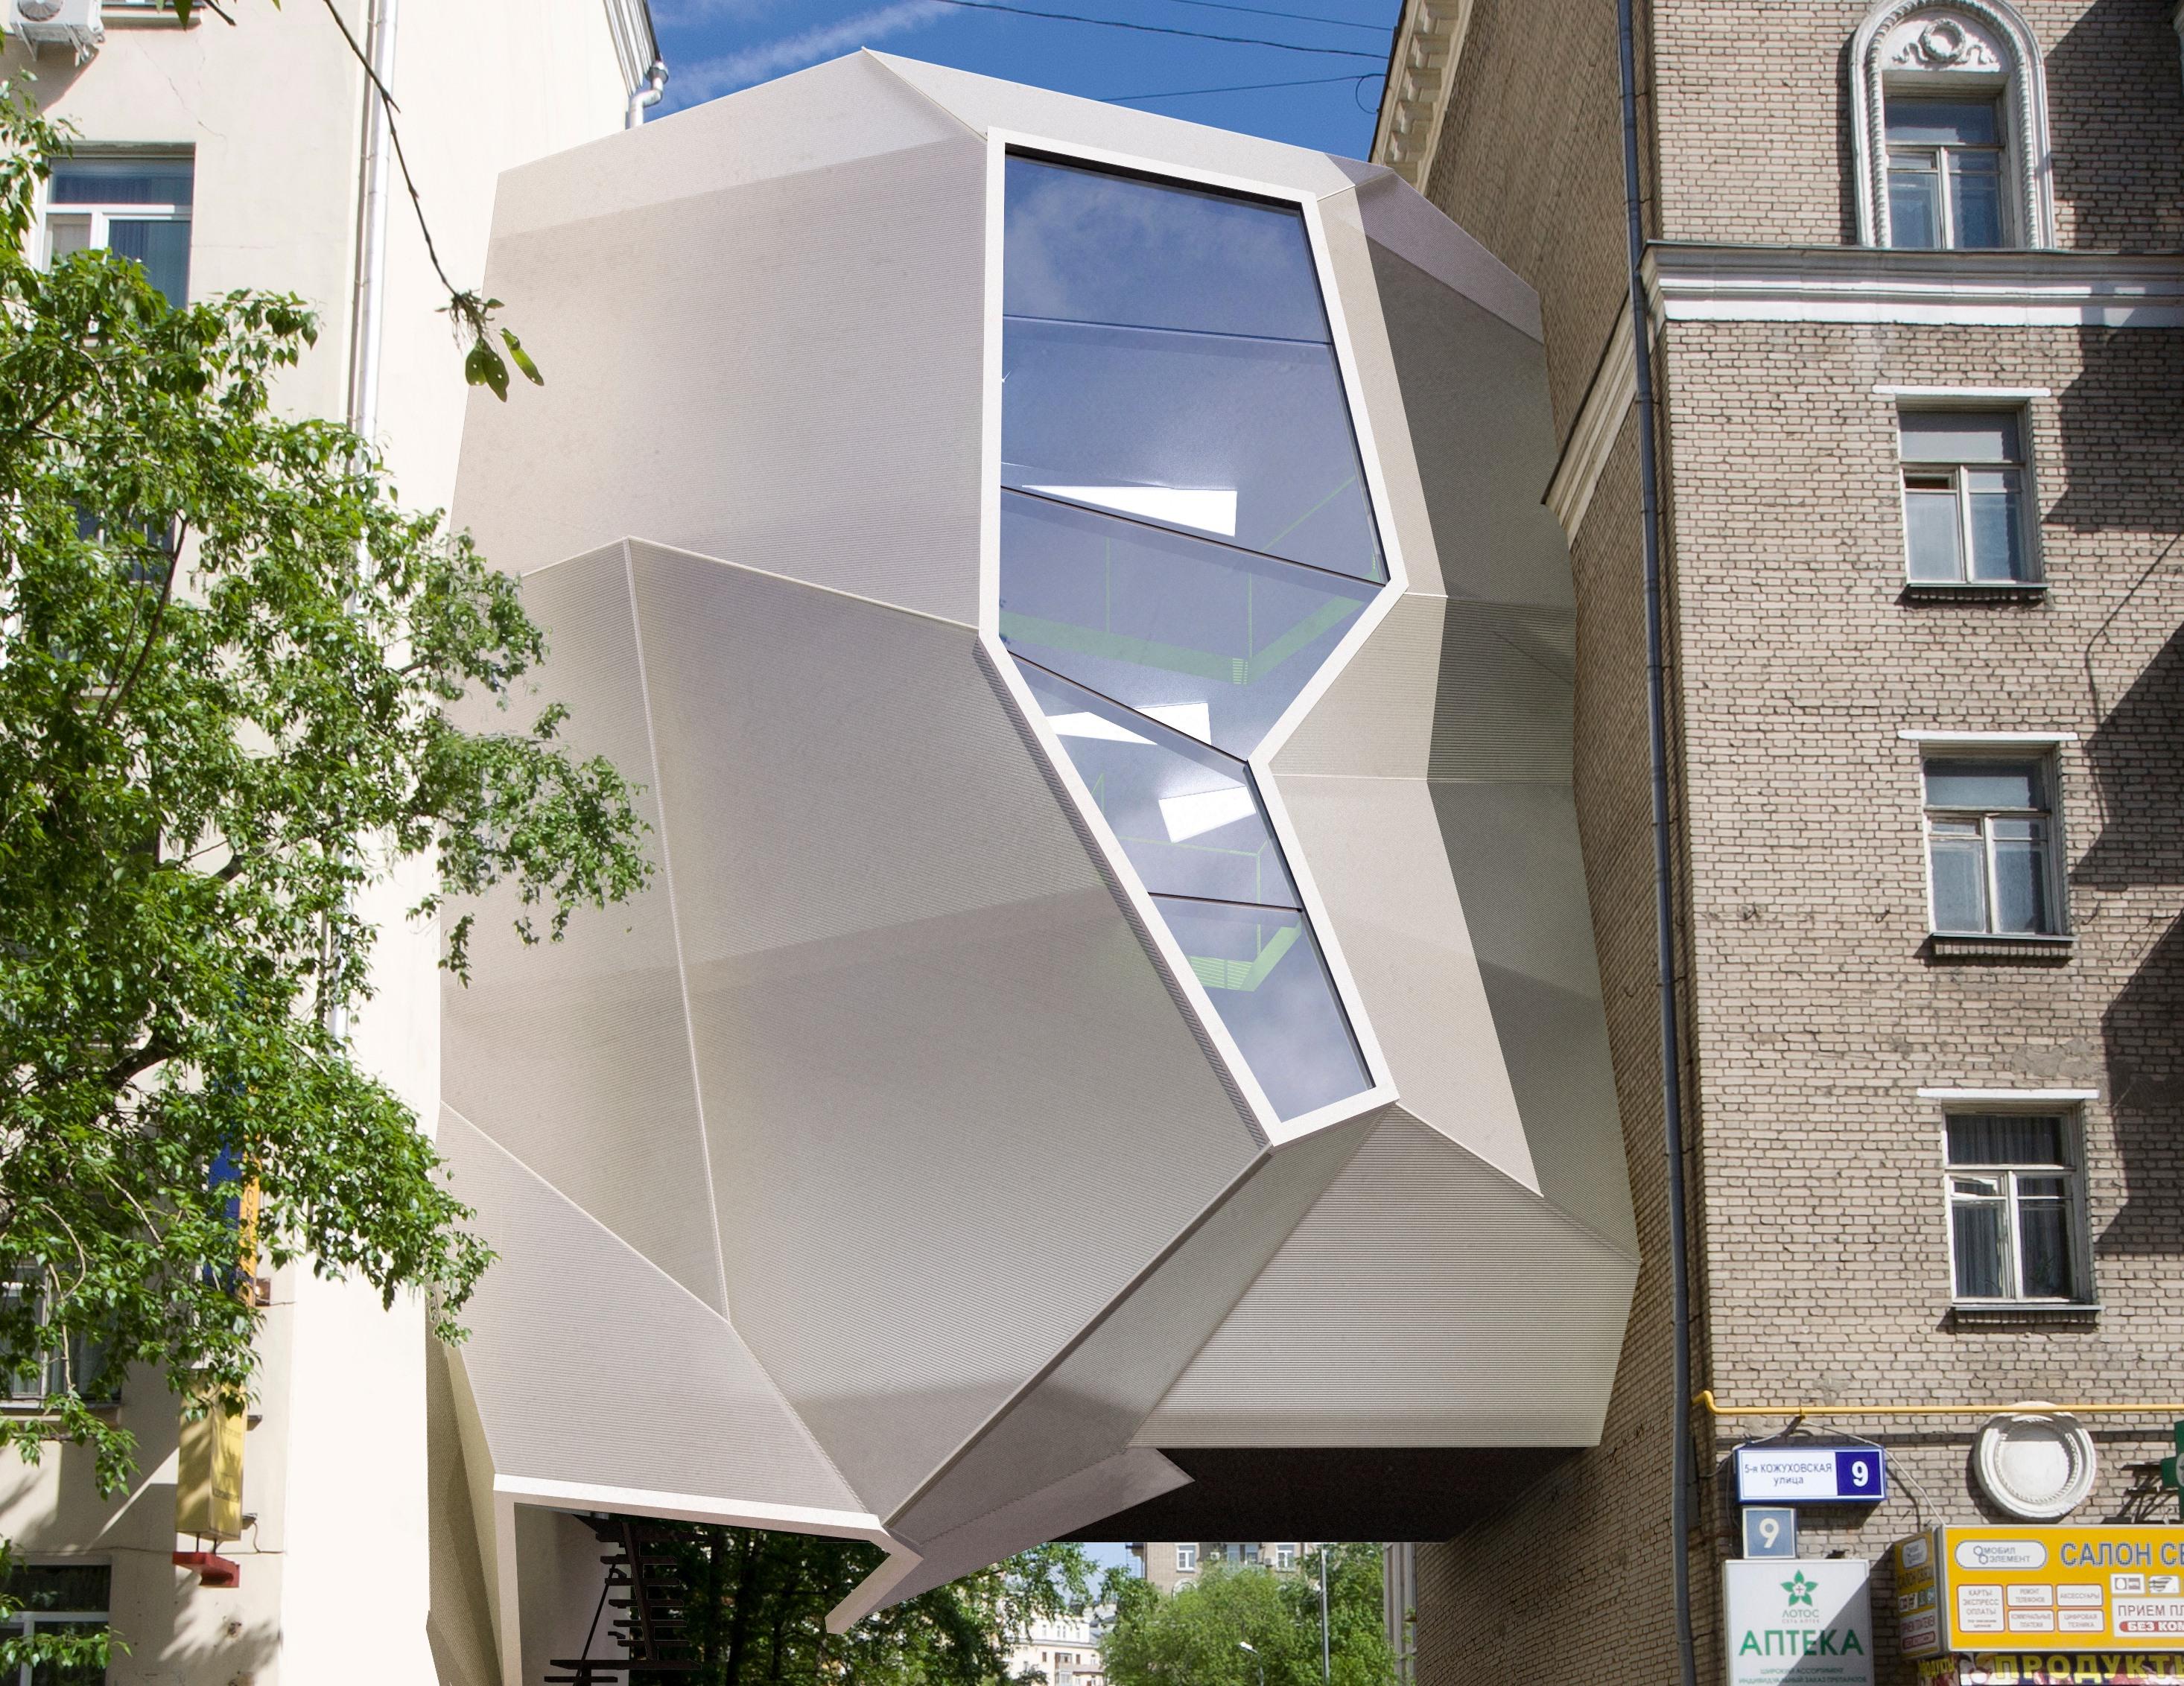 Parasite Office Za Bor Architects